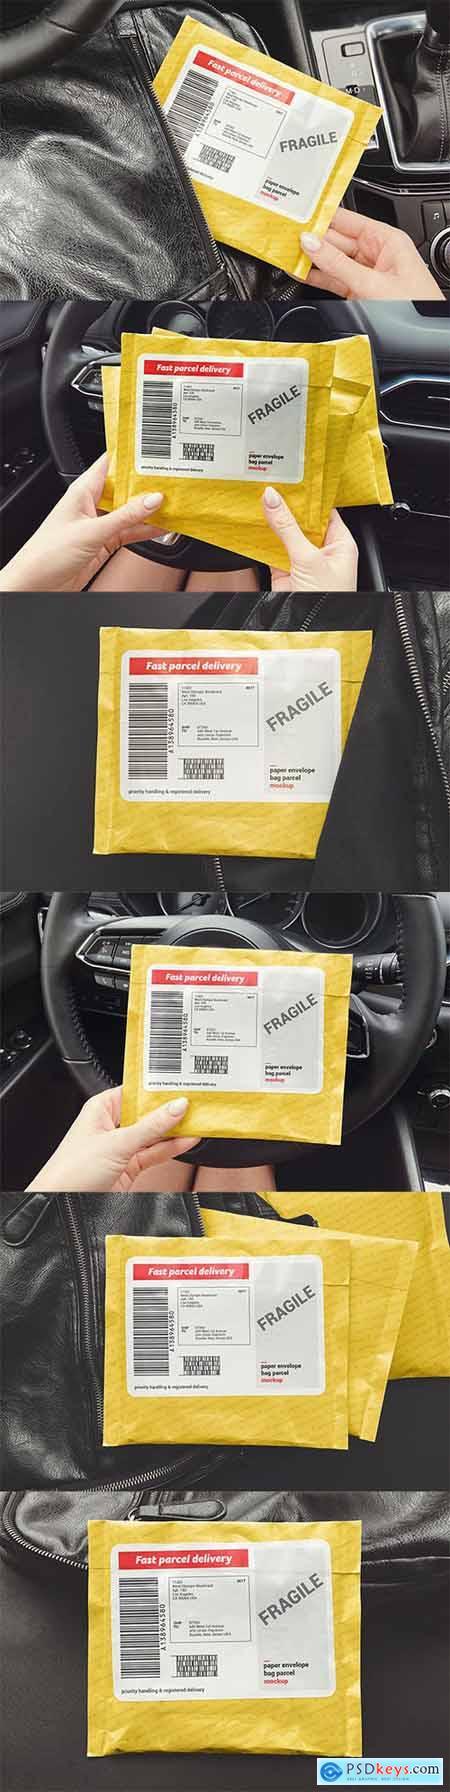 Paper Envelope Bag Parcel Mockup